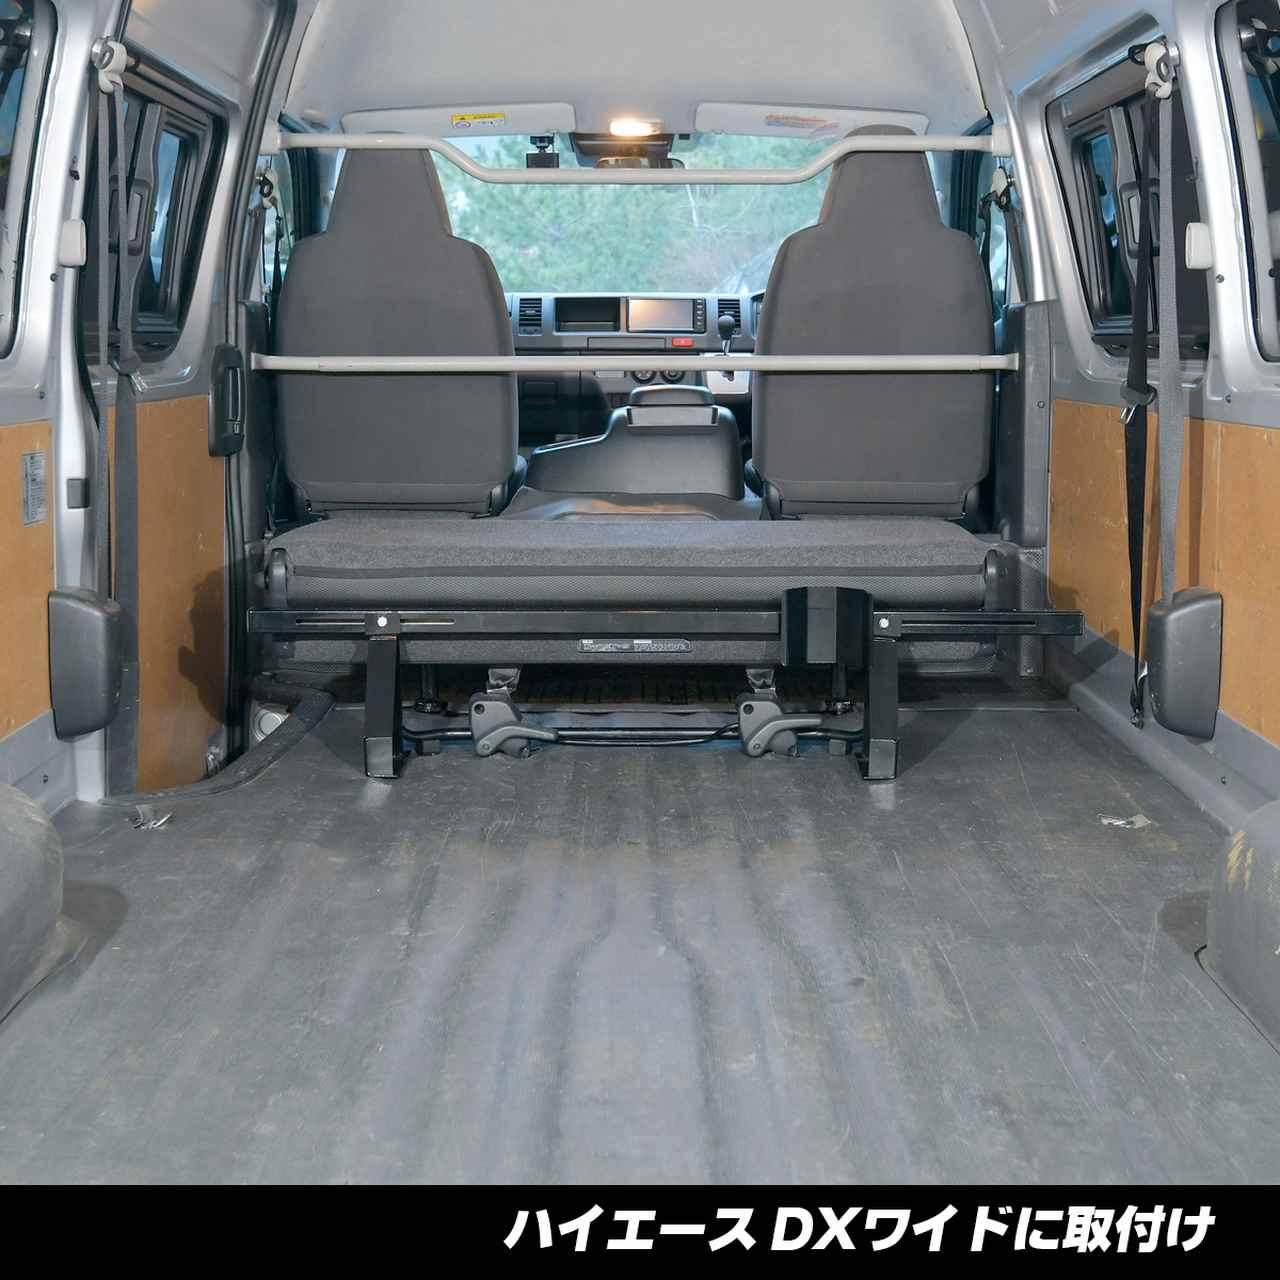 画像6: 床に穴を空けずにタイヤ止めが装着できる? UNITからトランポアイテム続々登場